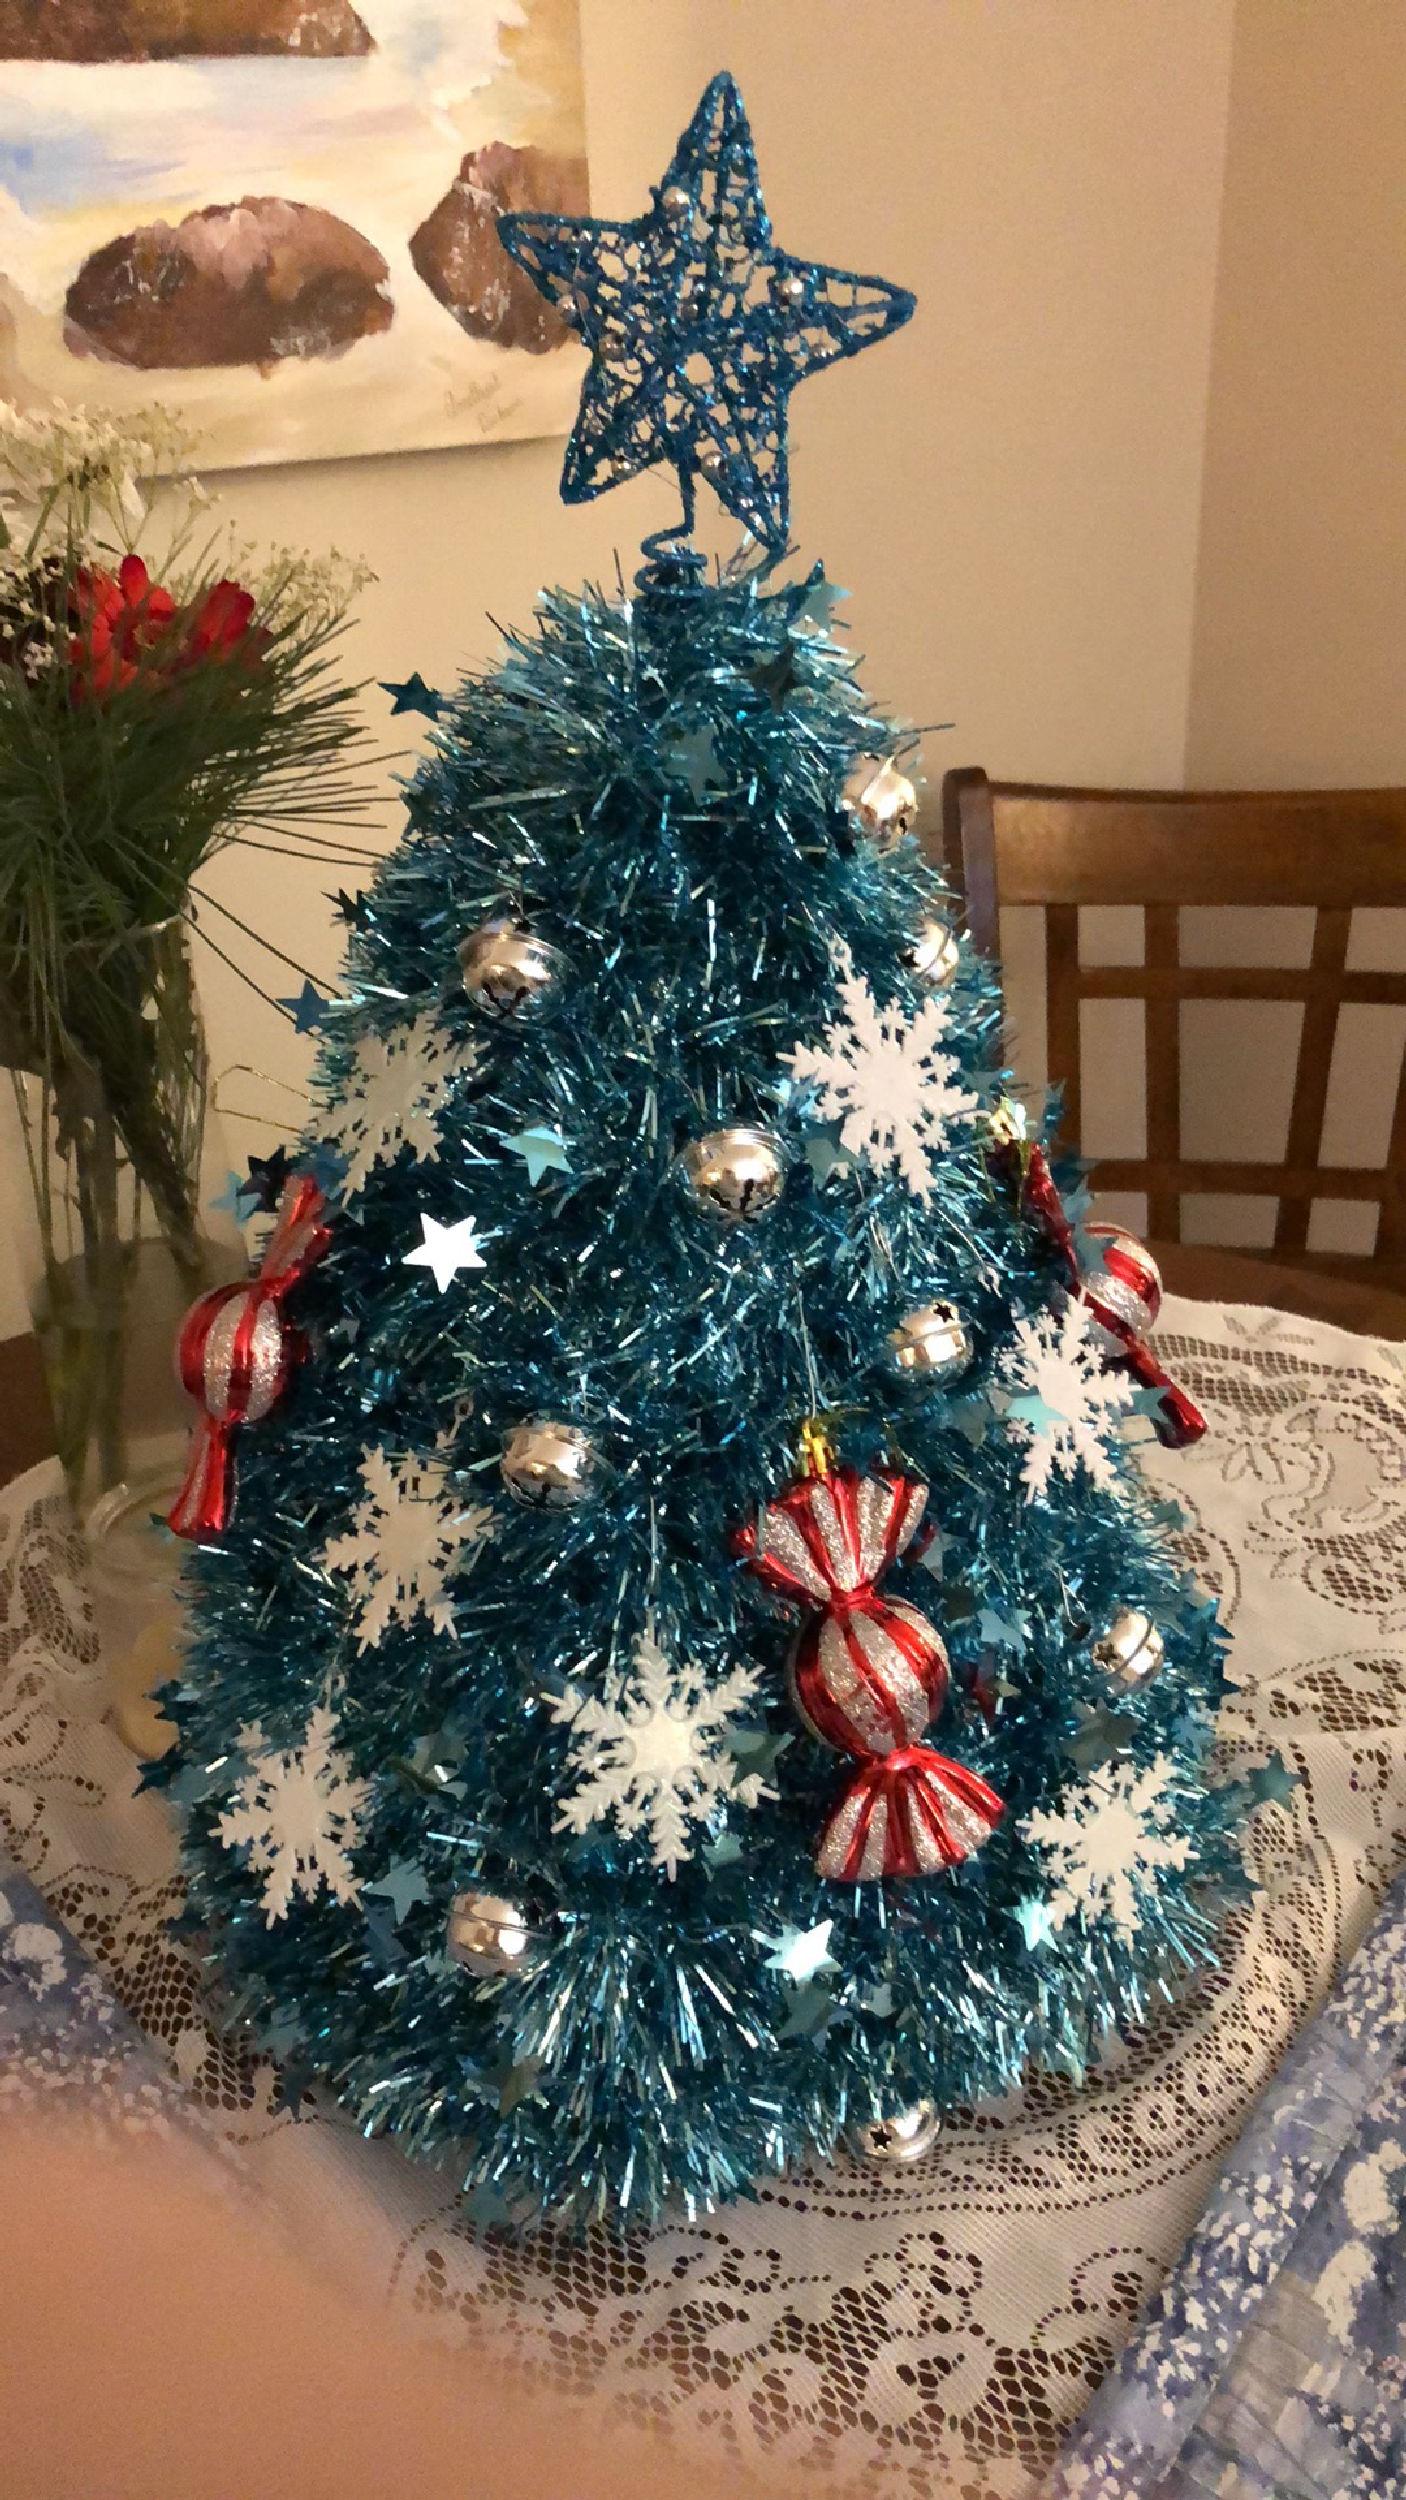 Eve of Christmas Eve Tree